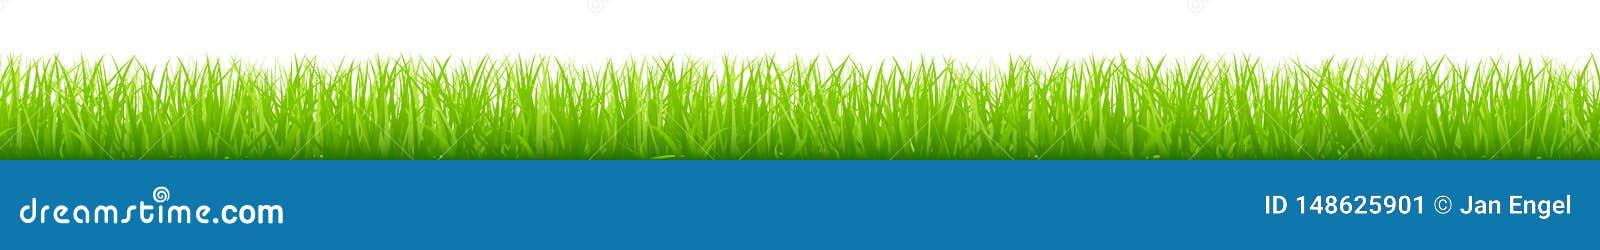 Insegna orizzontale lunga del prato verde diritto grafico